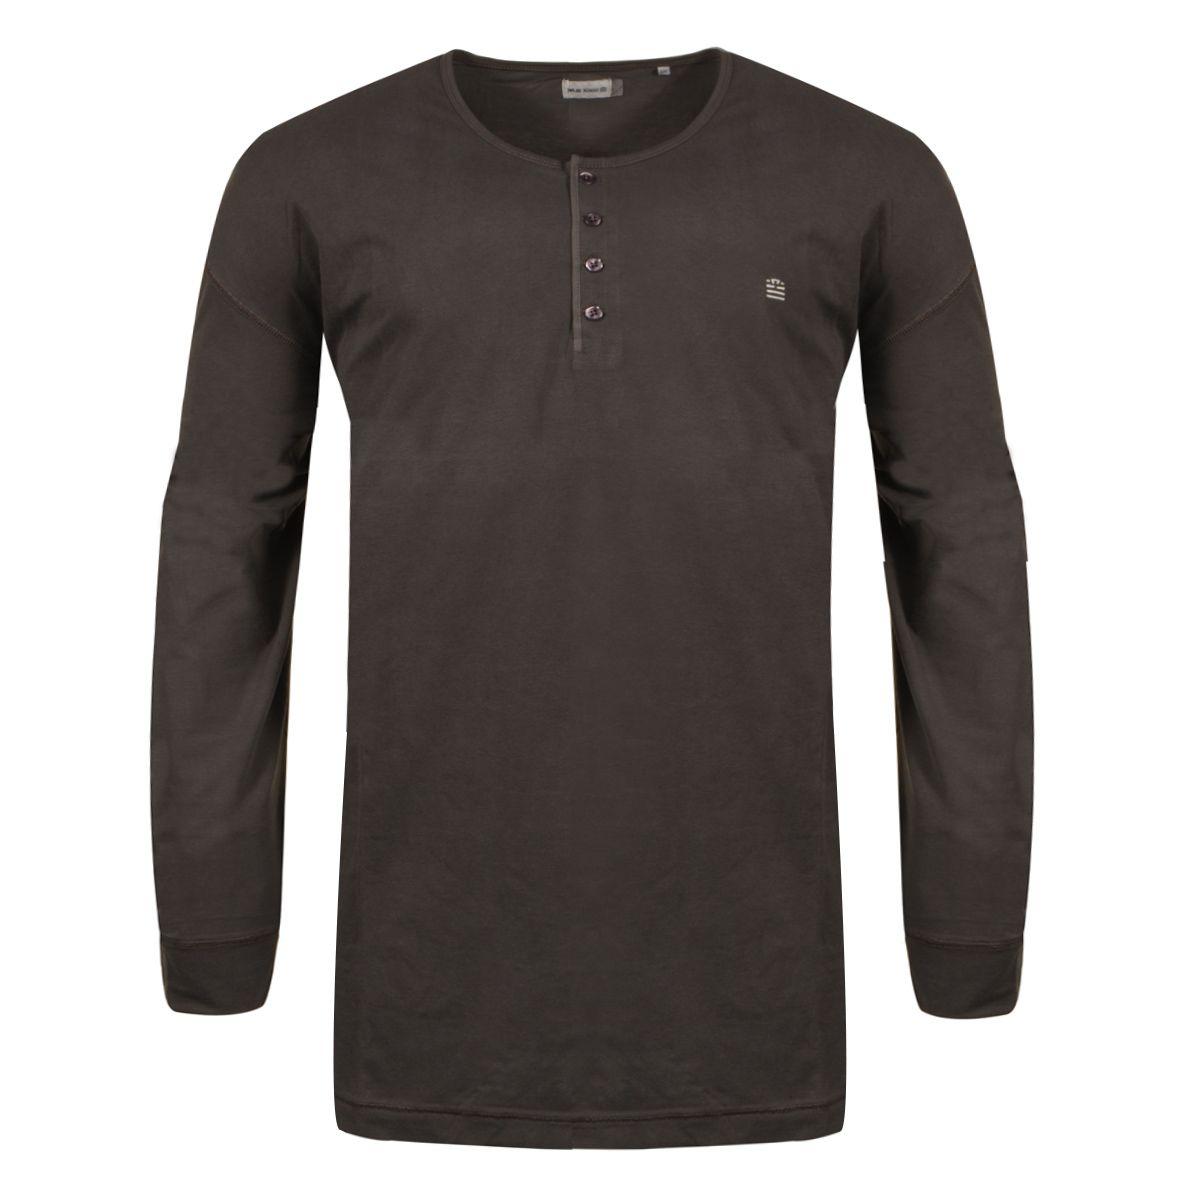 tee shirt manches longues col tunisien noir grande taille du 3xl au 6xl size factory serge. Black Bedroom Furniture Sets. Home Design Ideas